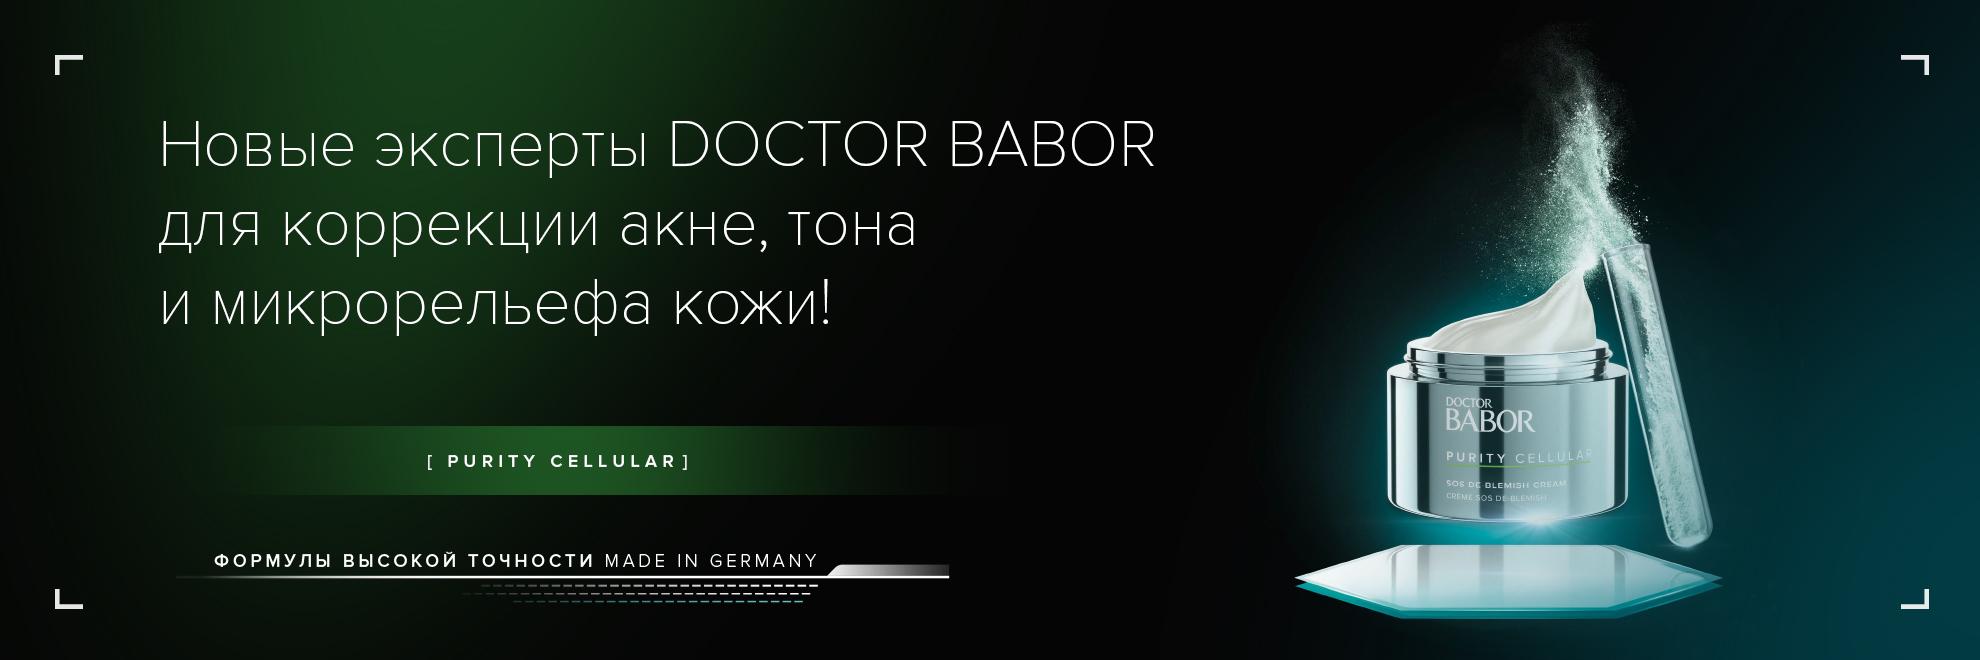 доктор бабор акне